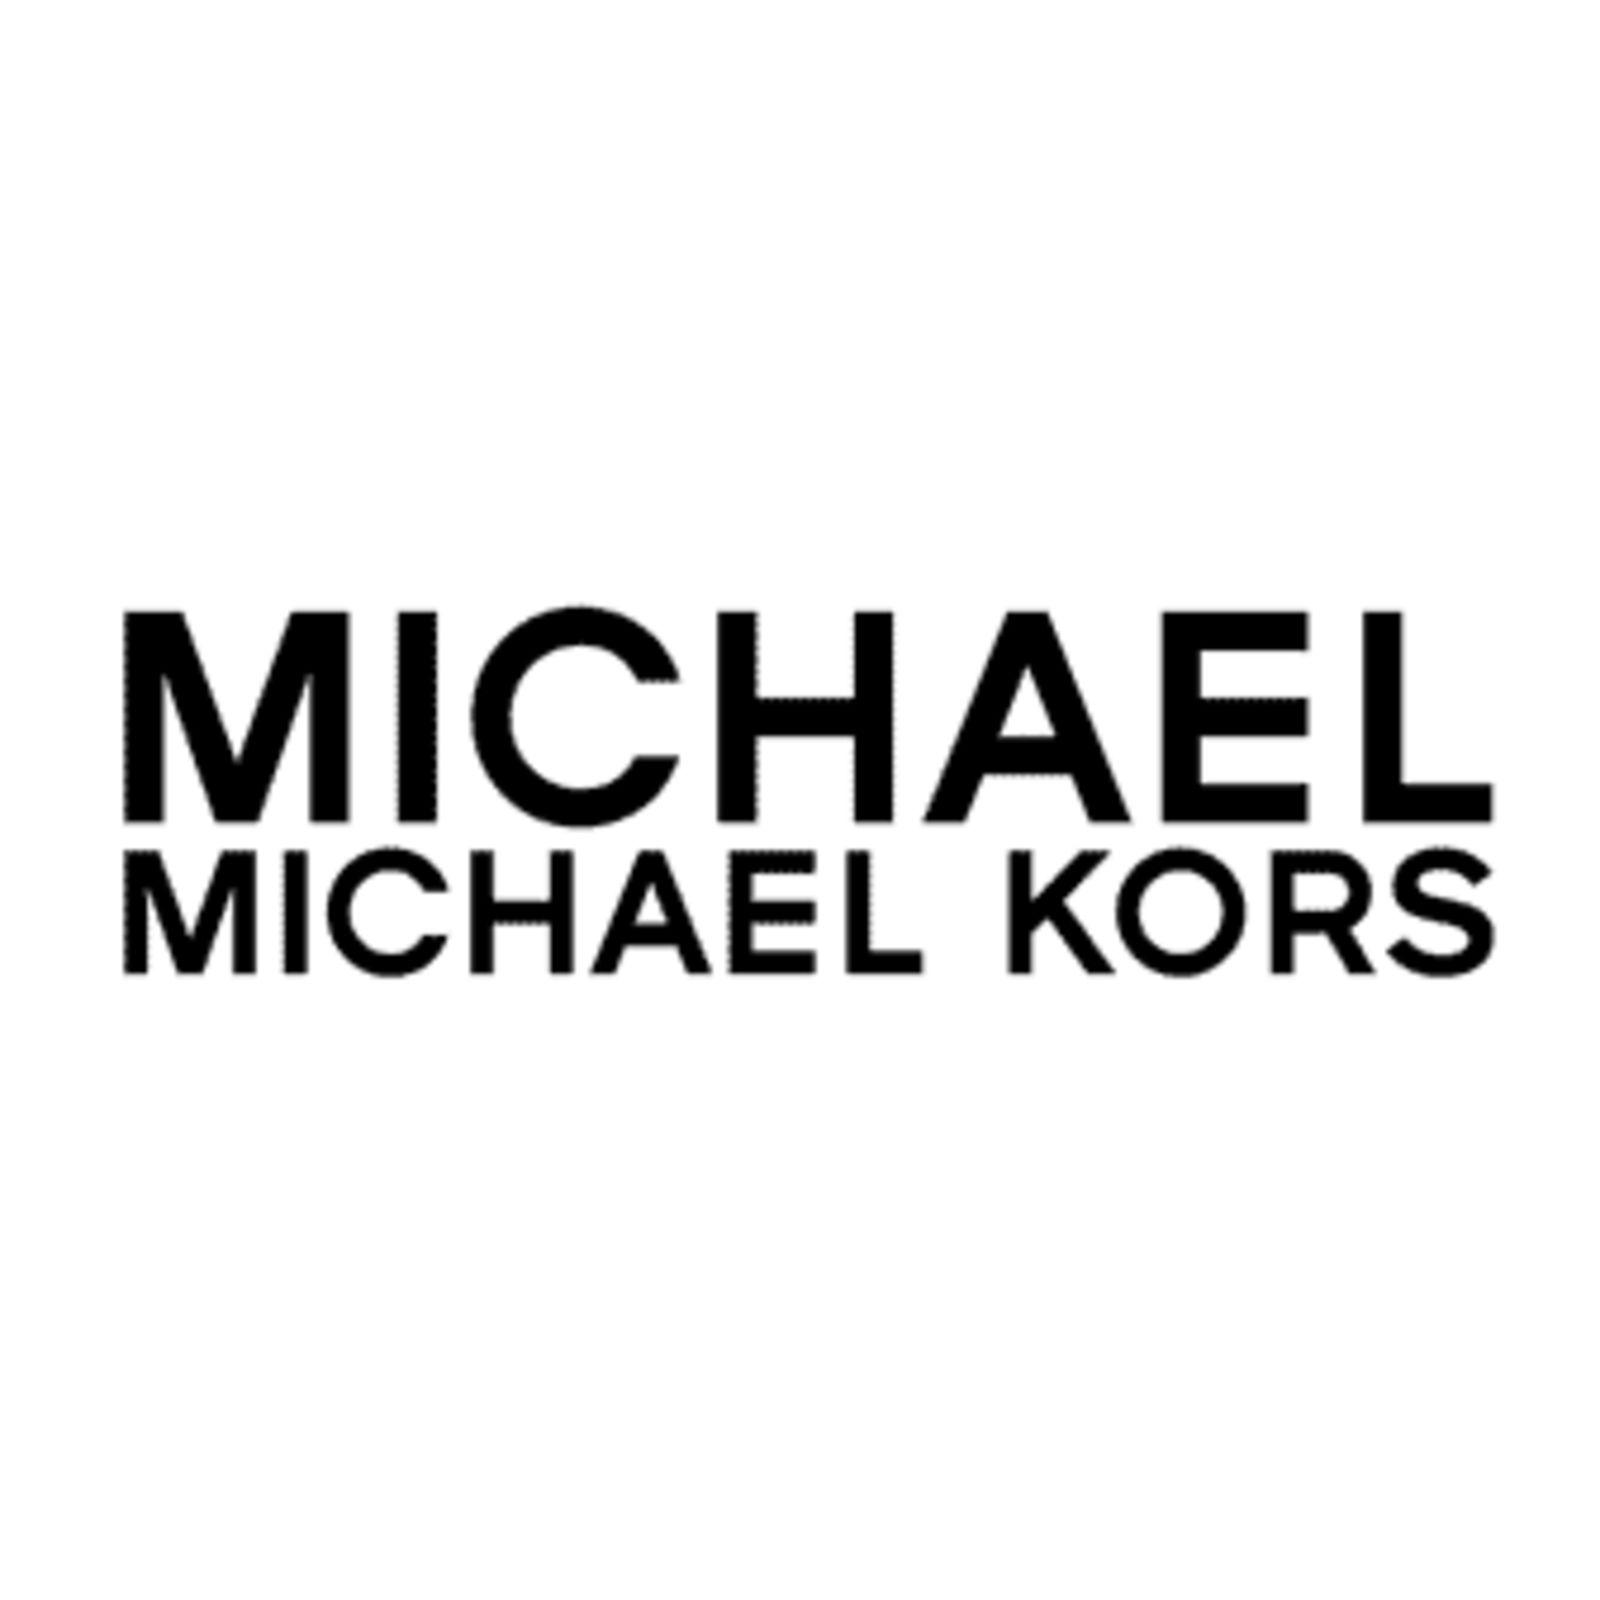 MICHAEL MICHAEL KORS (Imagen 1)